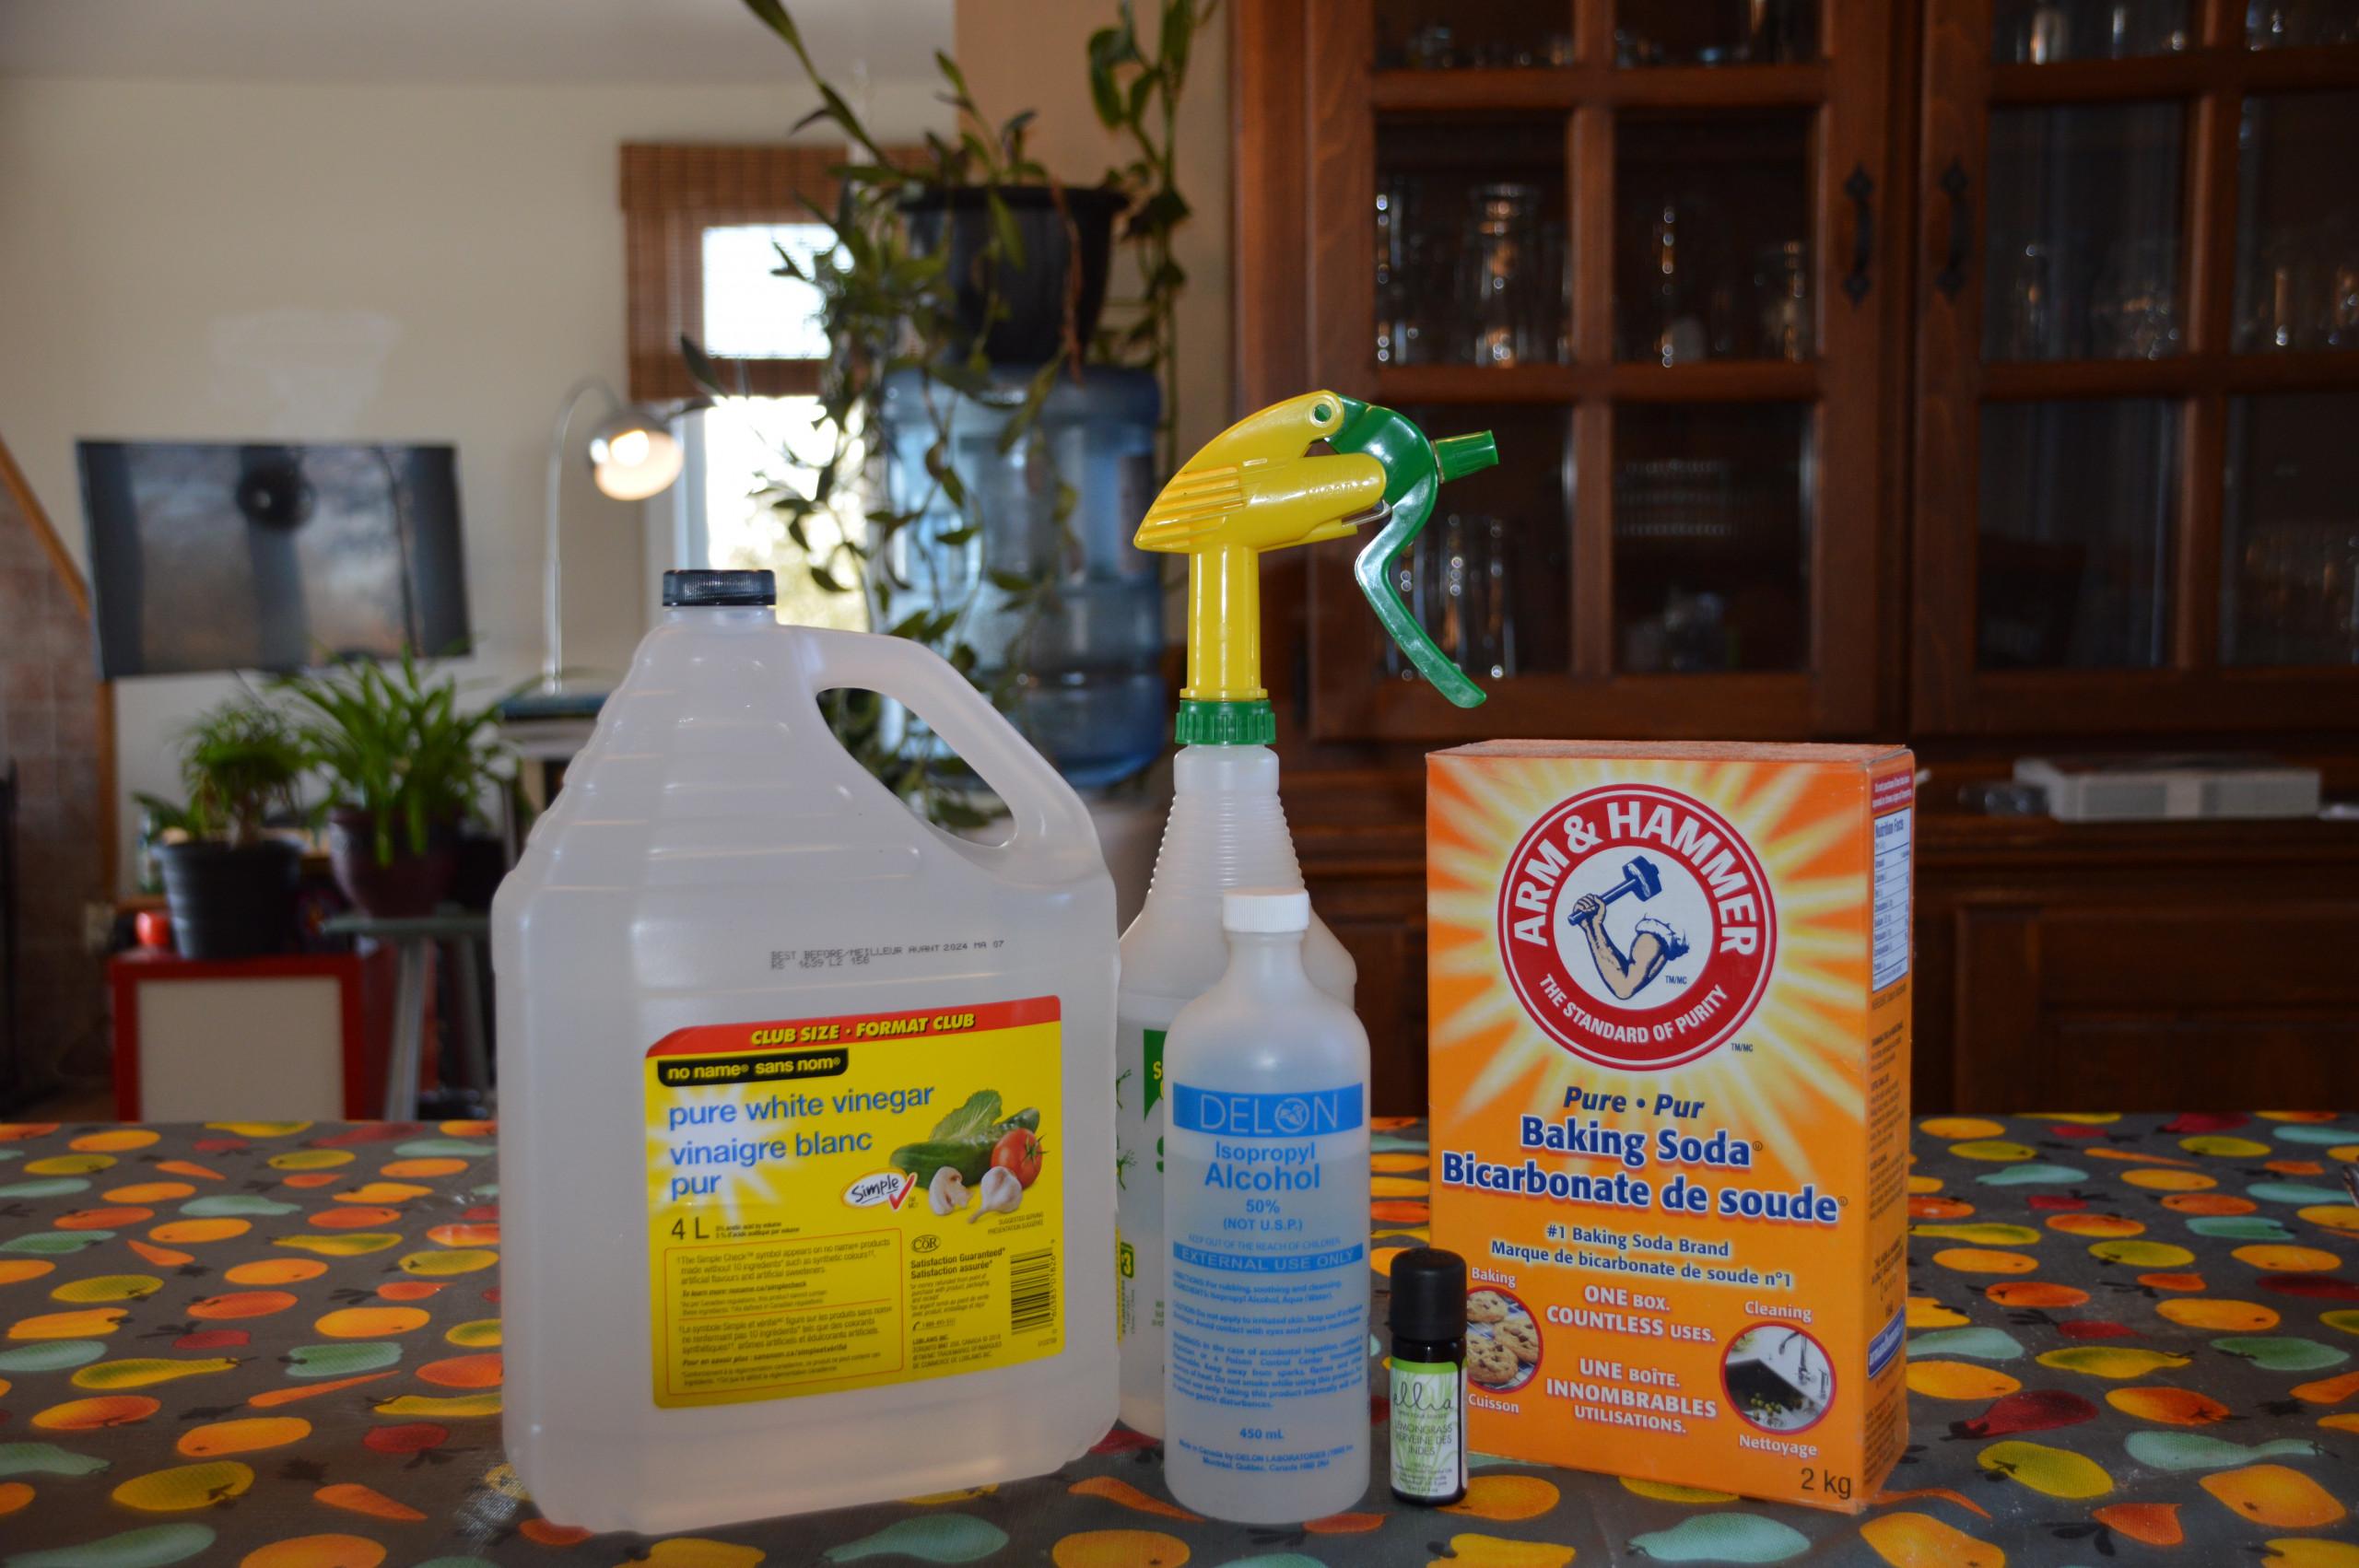 La meilleure recette de désinfectant naturel pour nettoyer les surfaces!